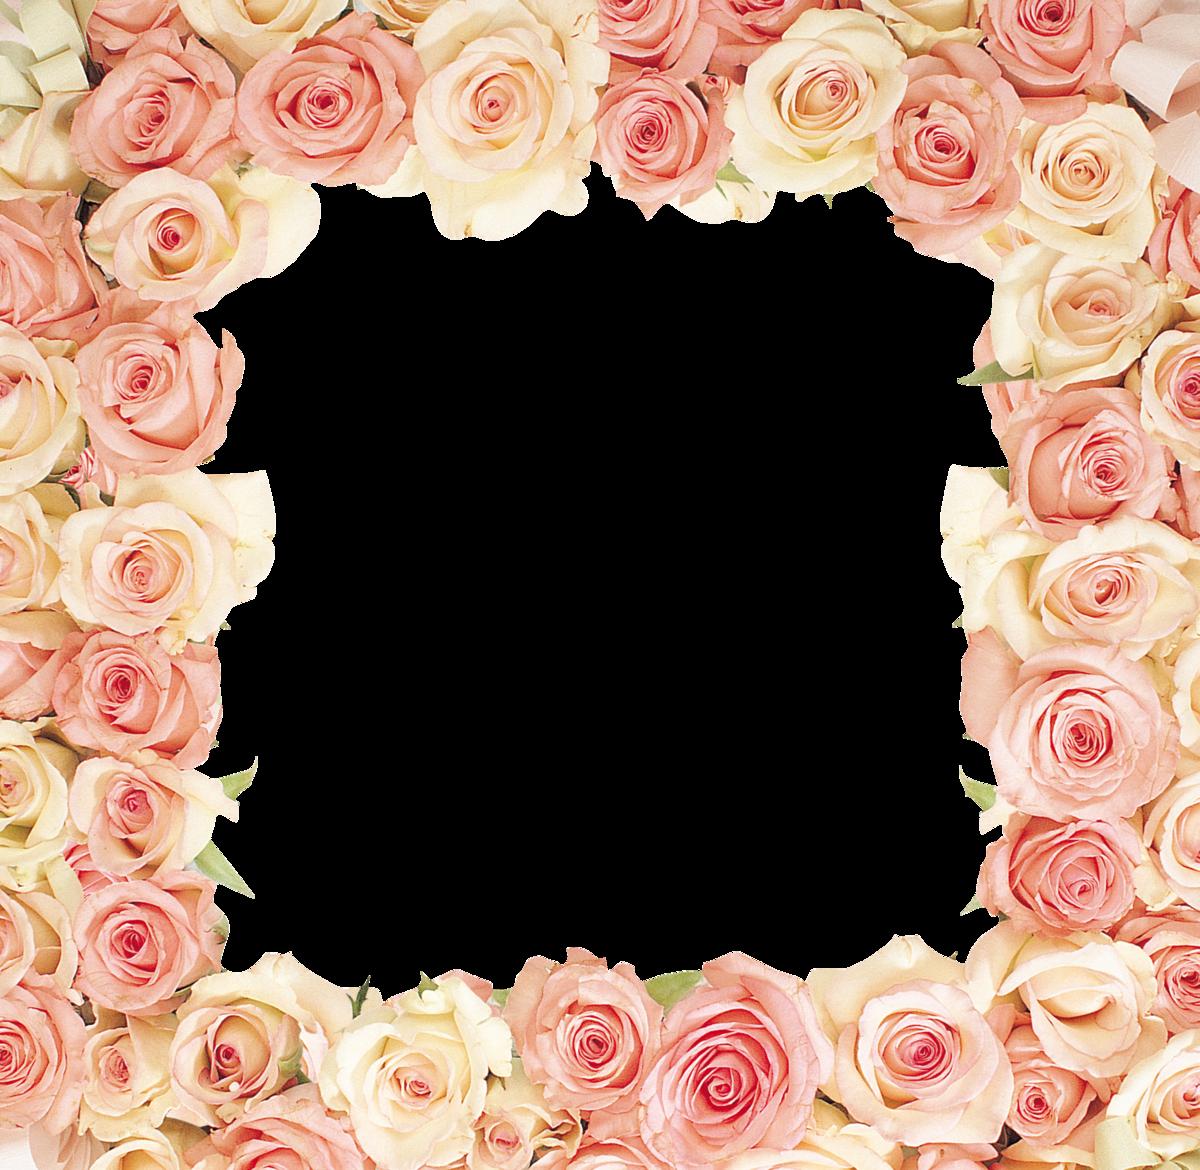 рамка картинка с розами печать можете